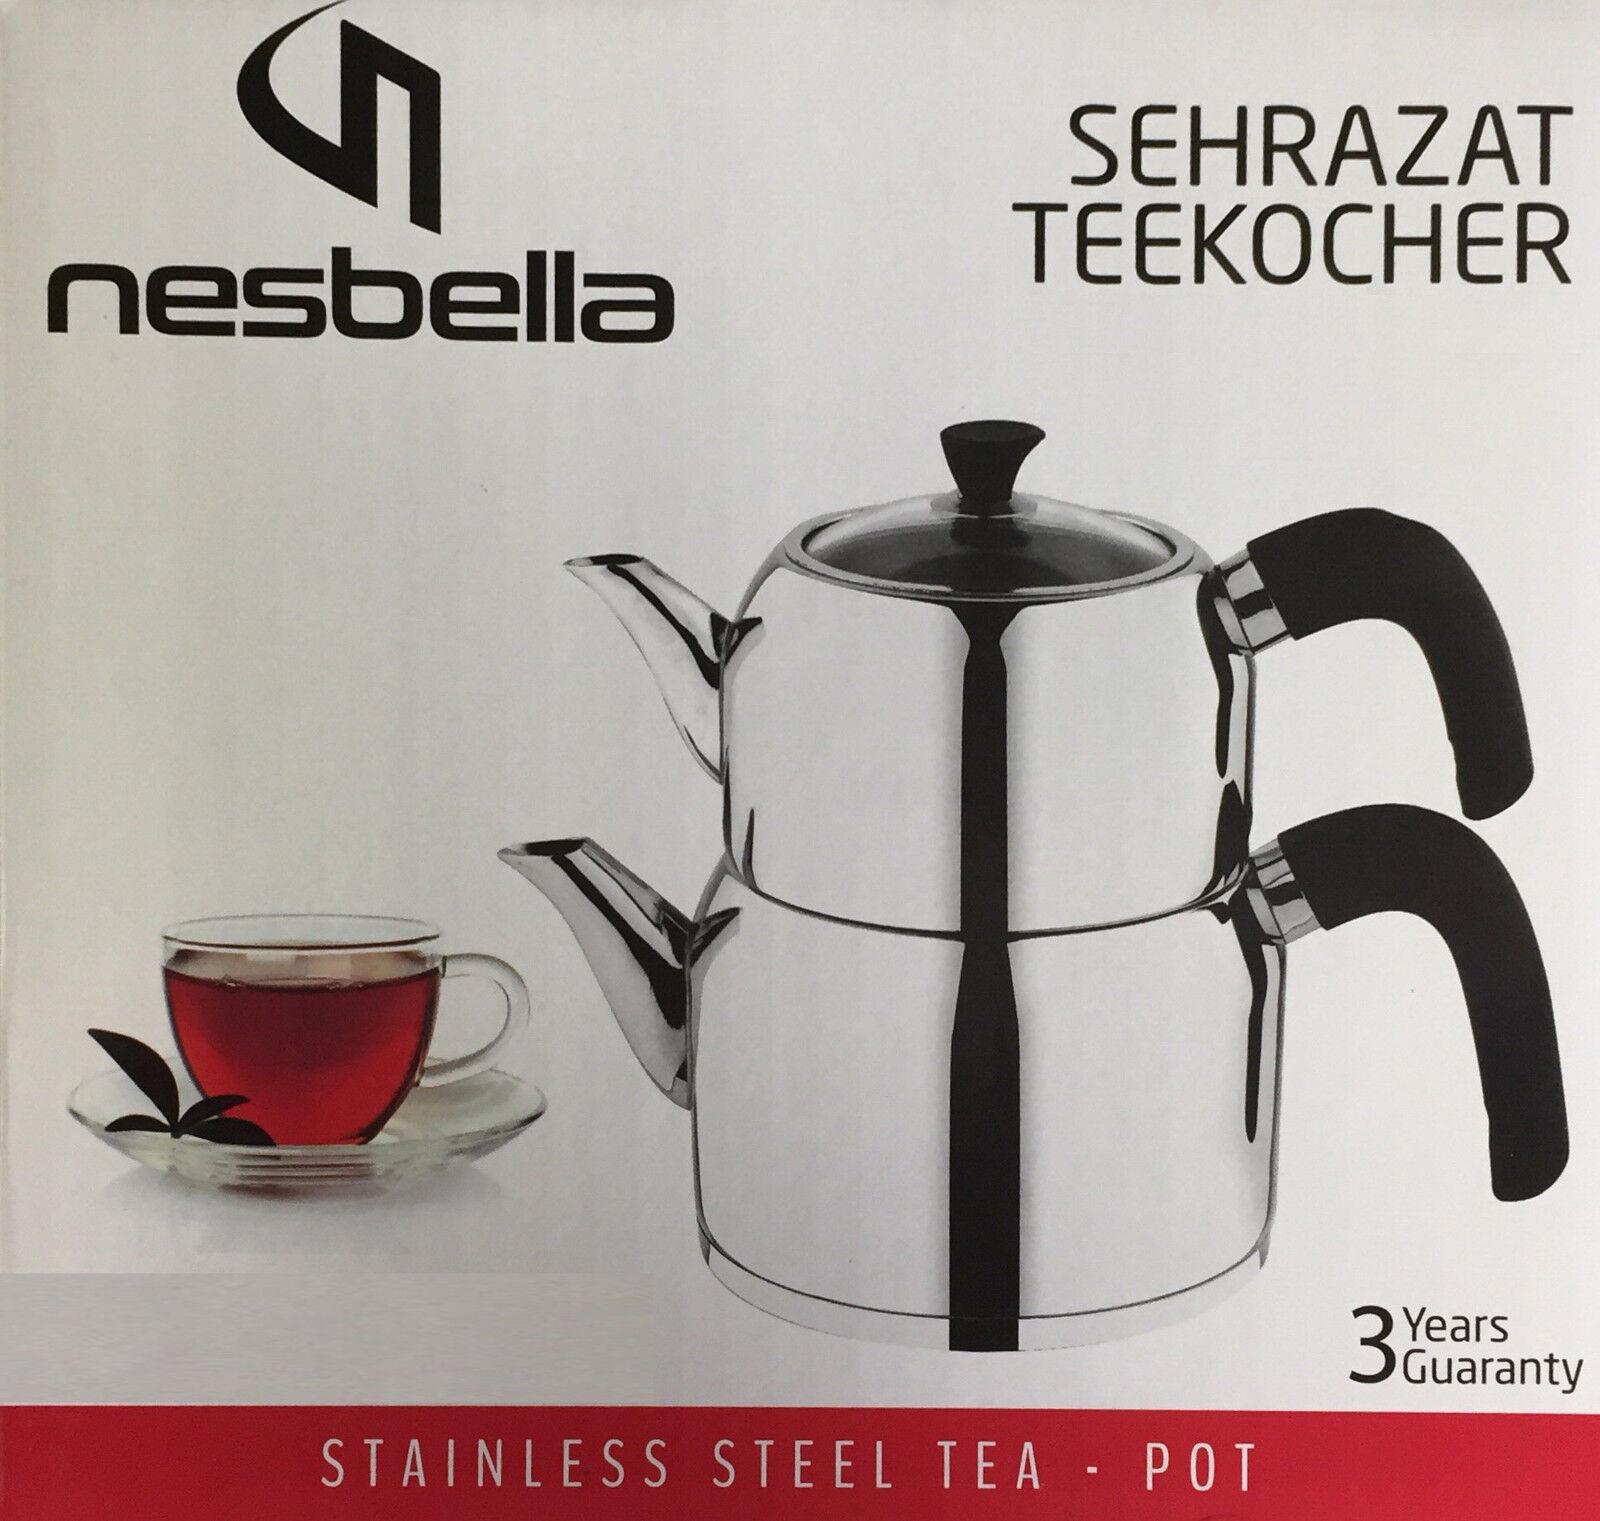 Nesbella Teekocher Teekannenset Caydanlik Wasserkanne Induktion